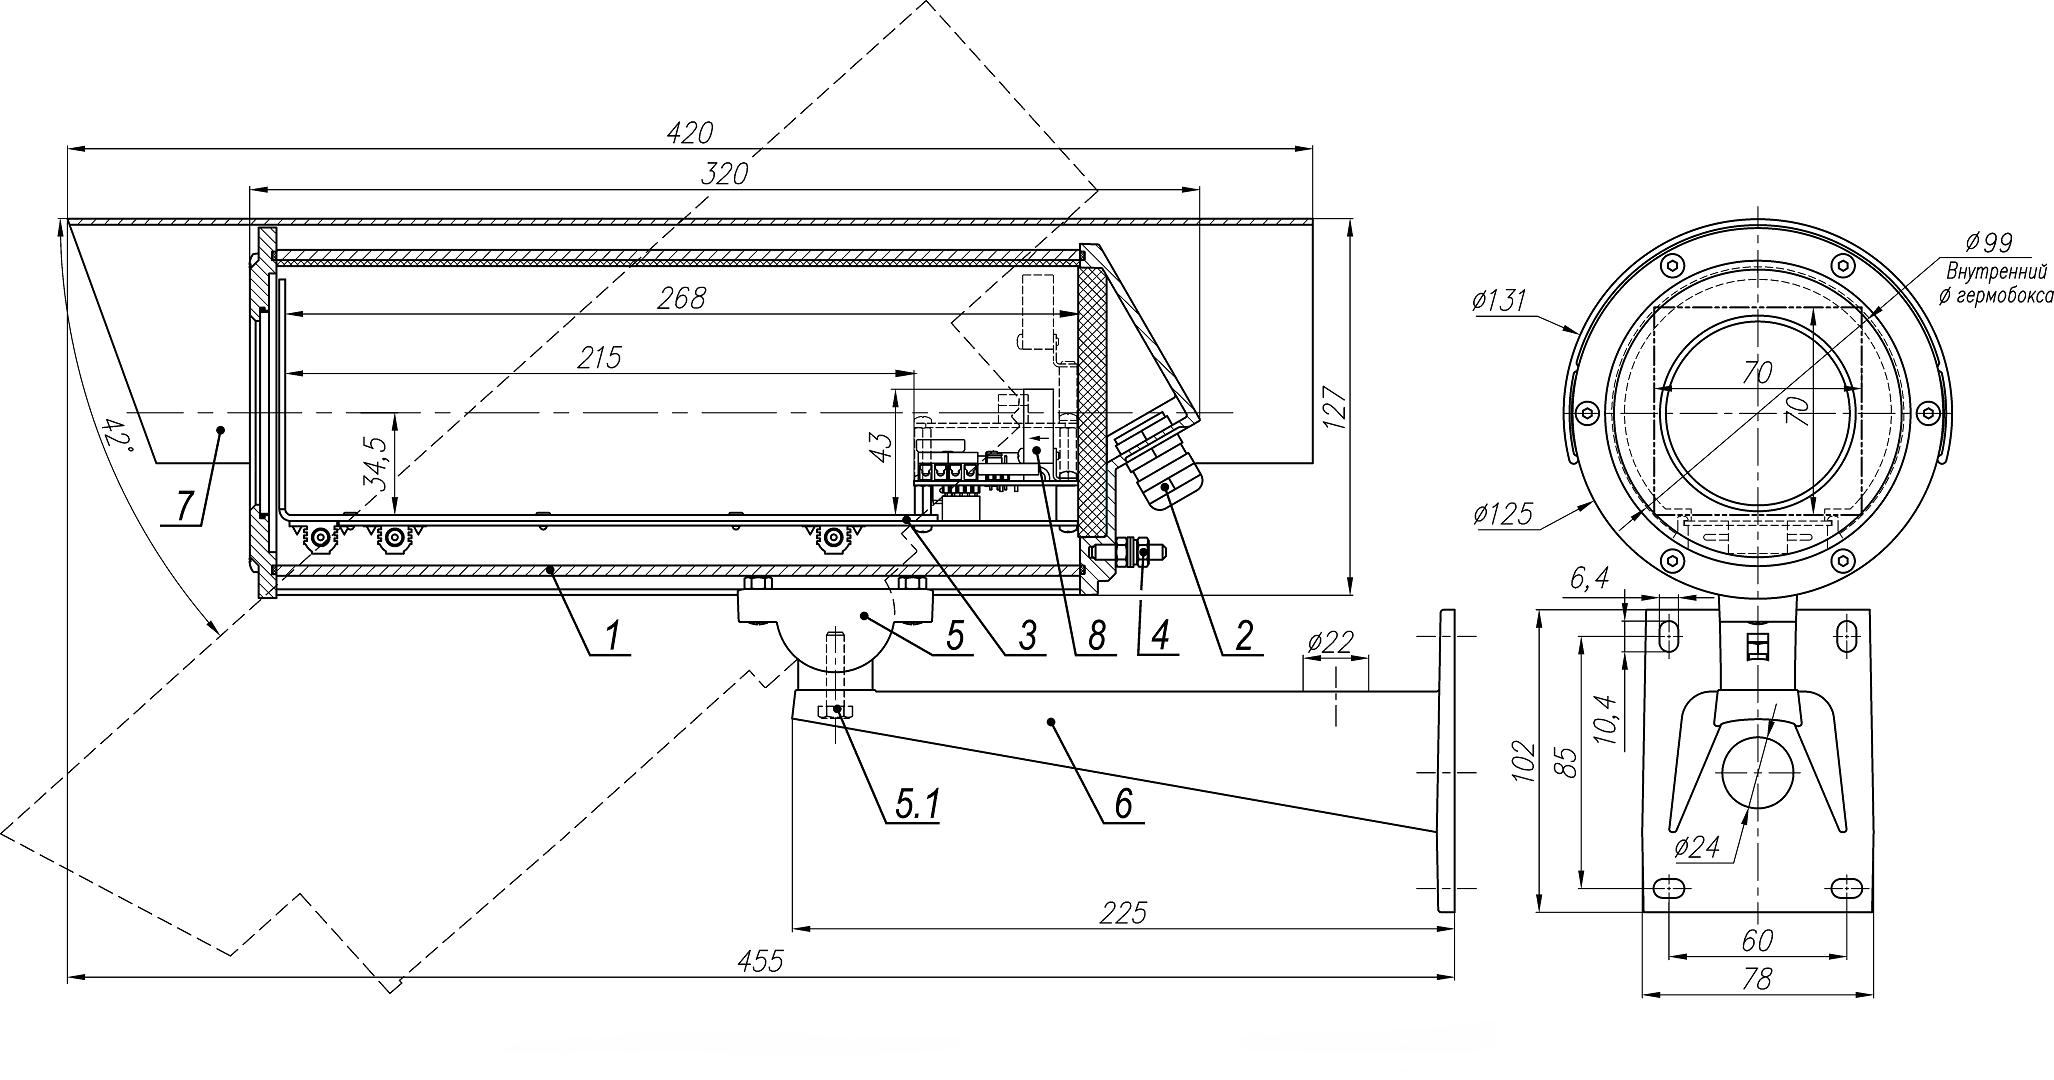 Состав и габаритно-установочные размеры ТГБ-7 ТВ